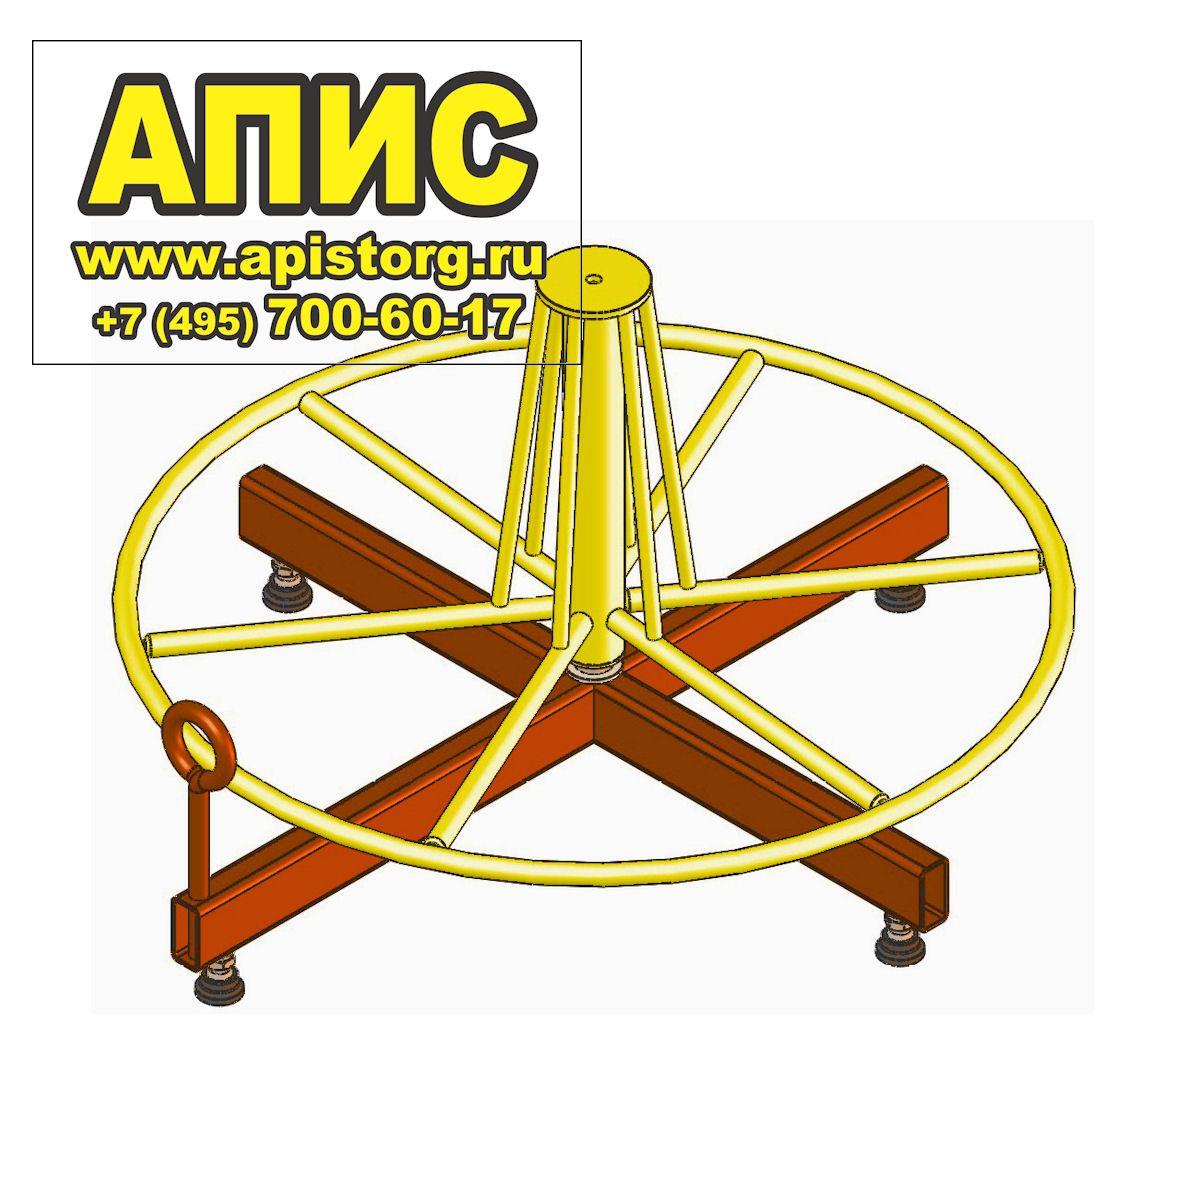 устройство для размотки кабеля в бухтах высокотехнологичных